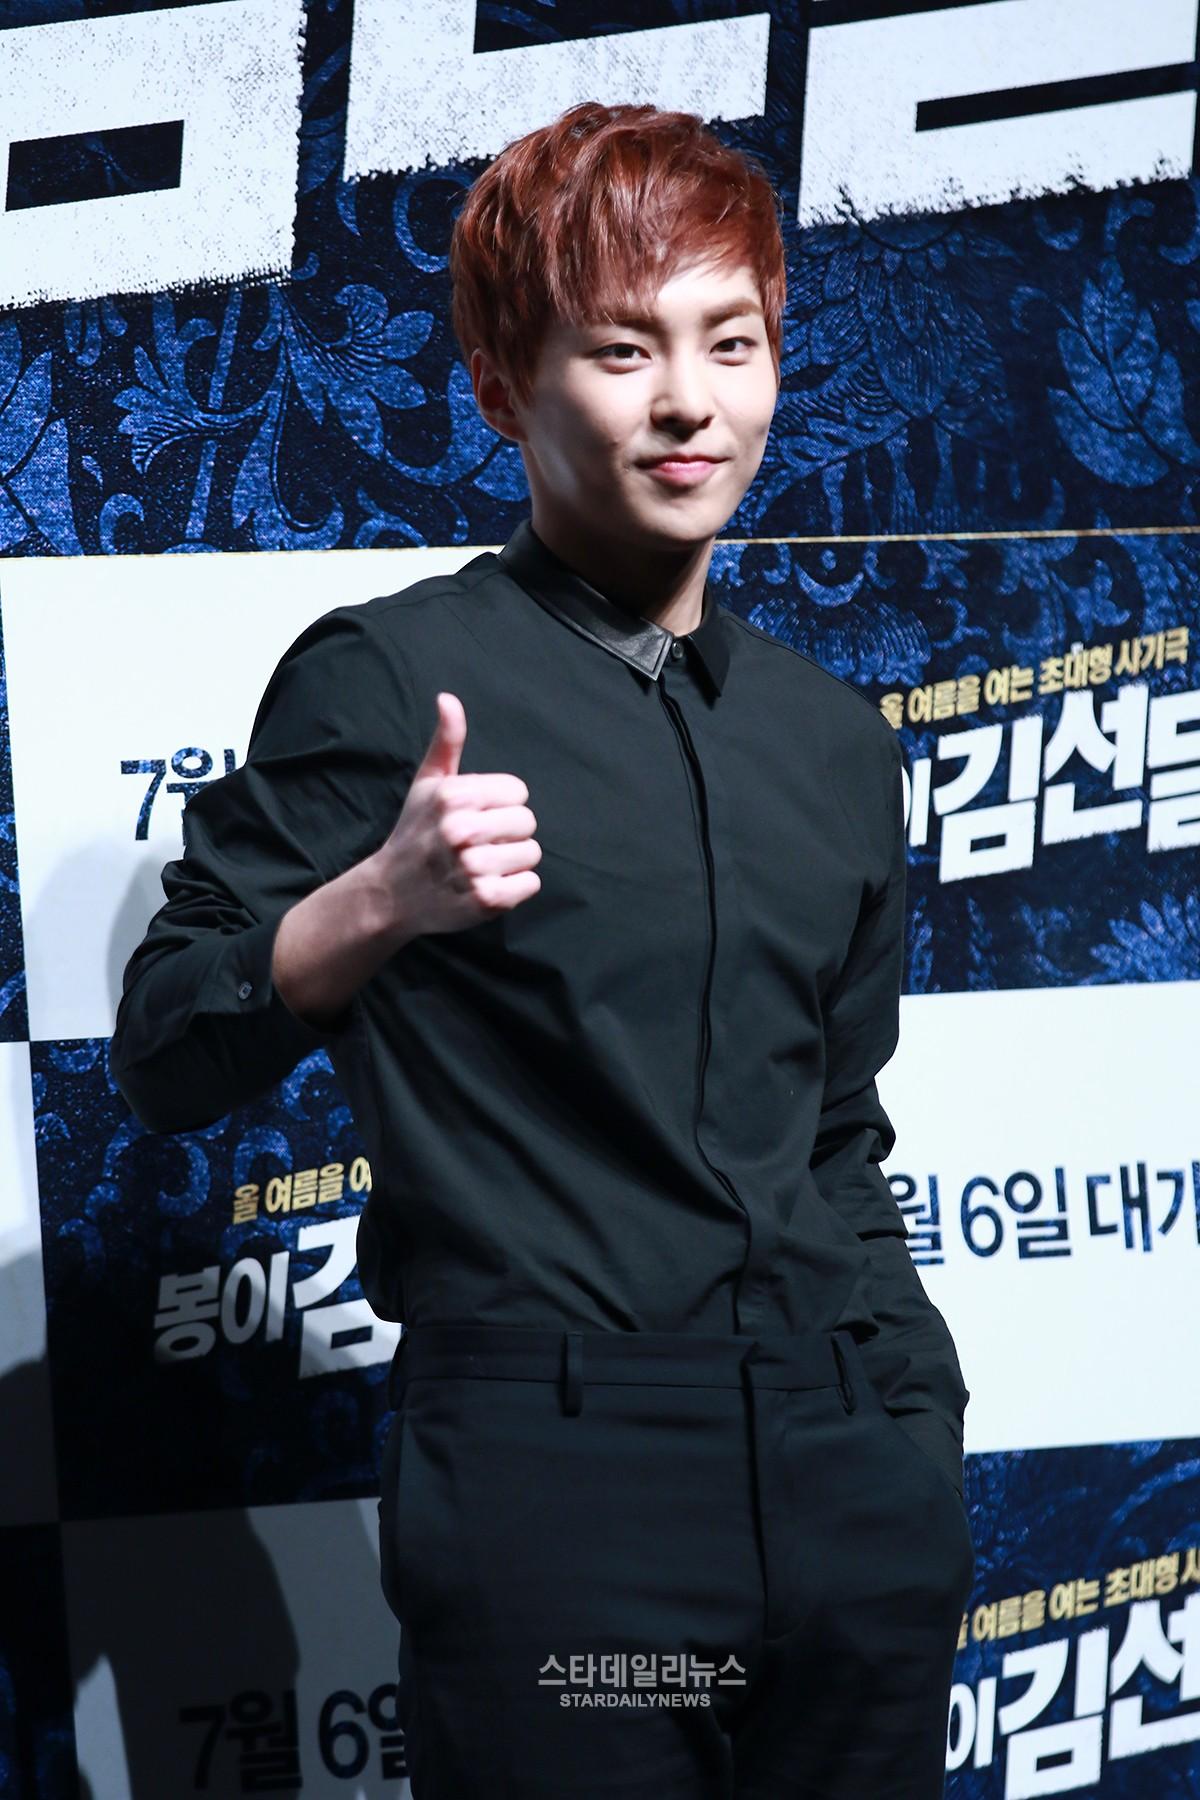 Xiumin de EXO recuerda una divertida experiencia mientras grababa la escena de su muerte en una nueva película